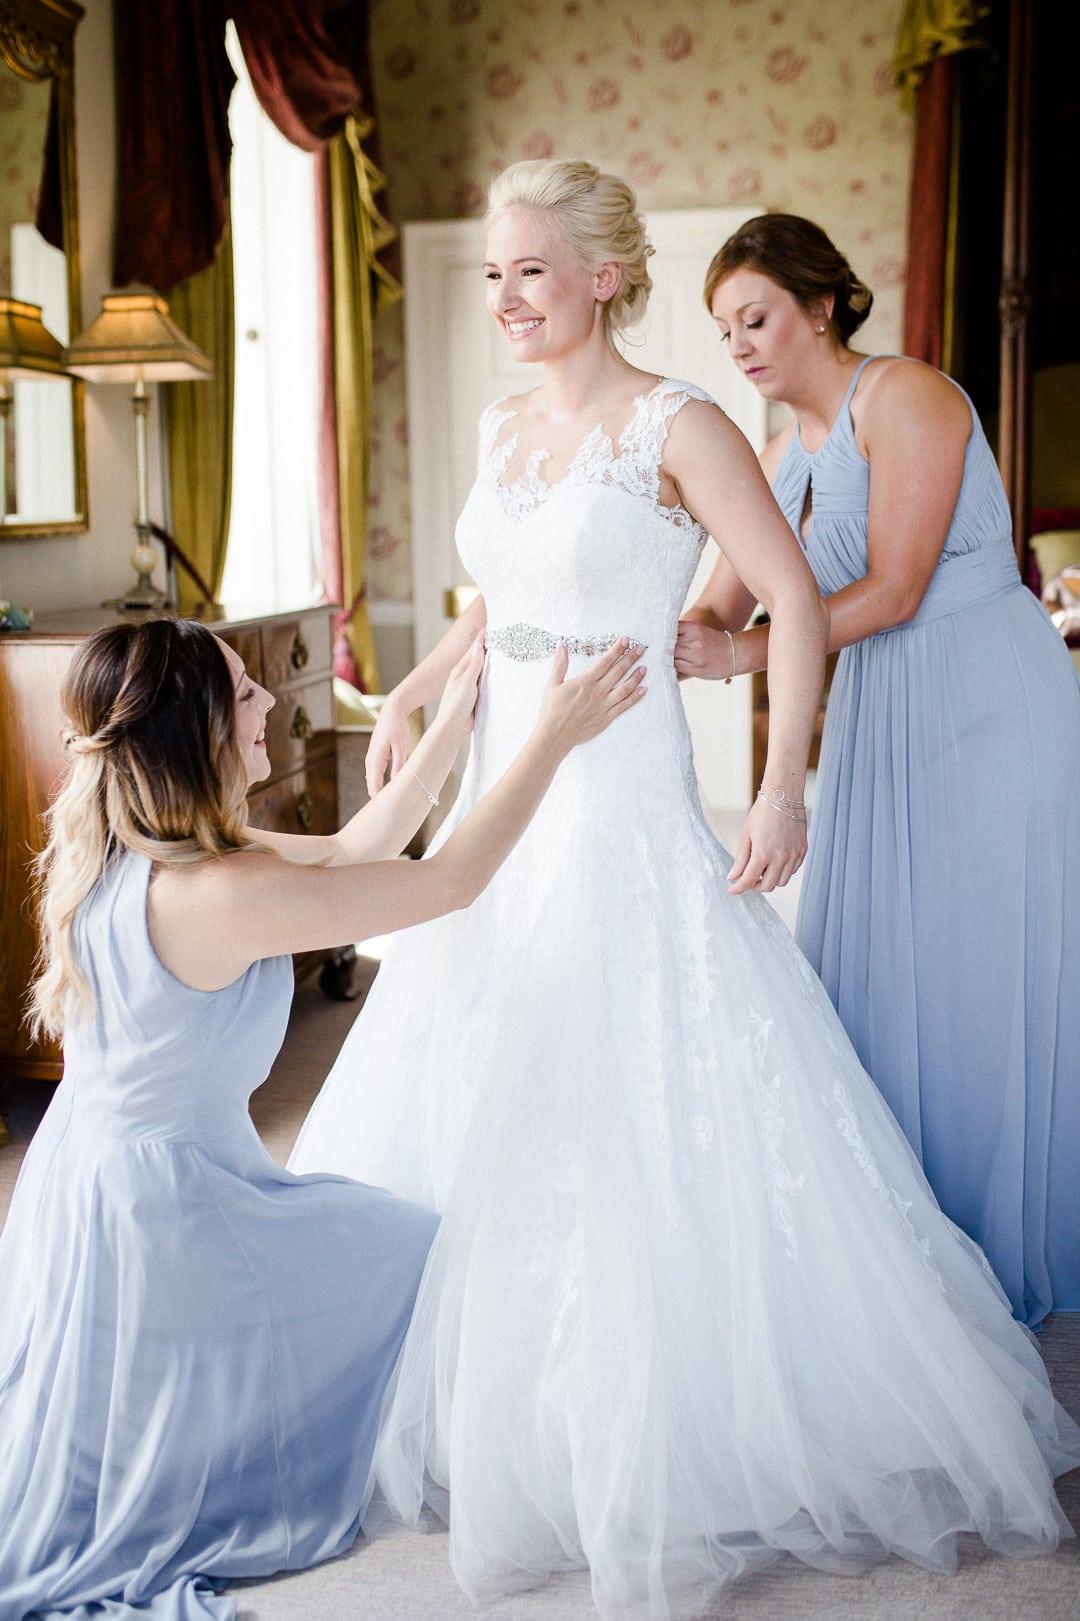 Bridal prep, Ston Easton Park Wedding